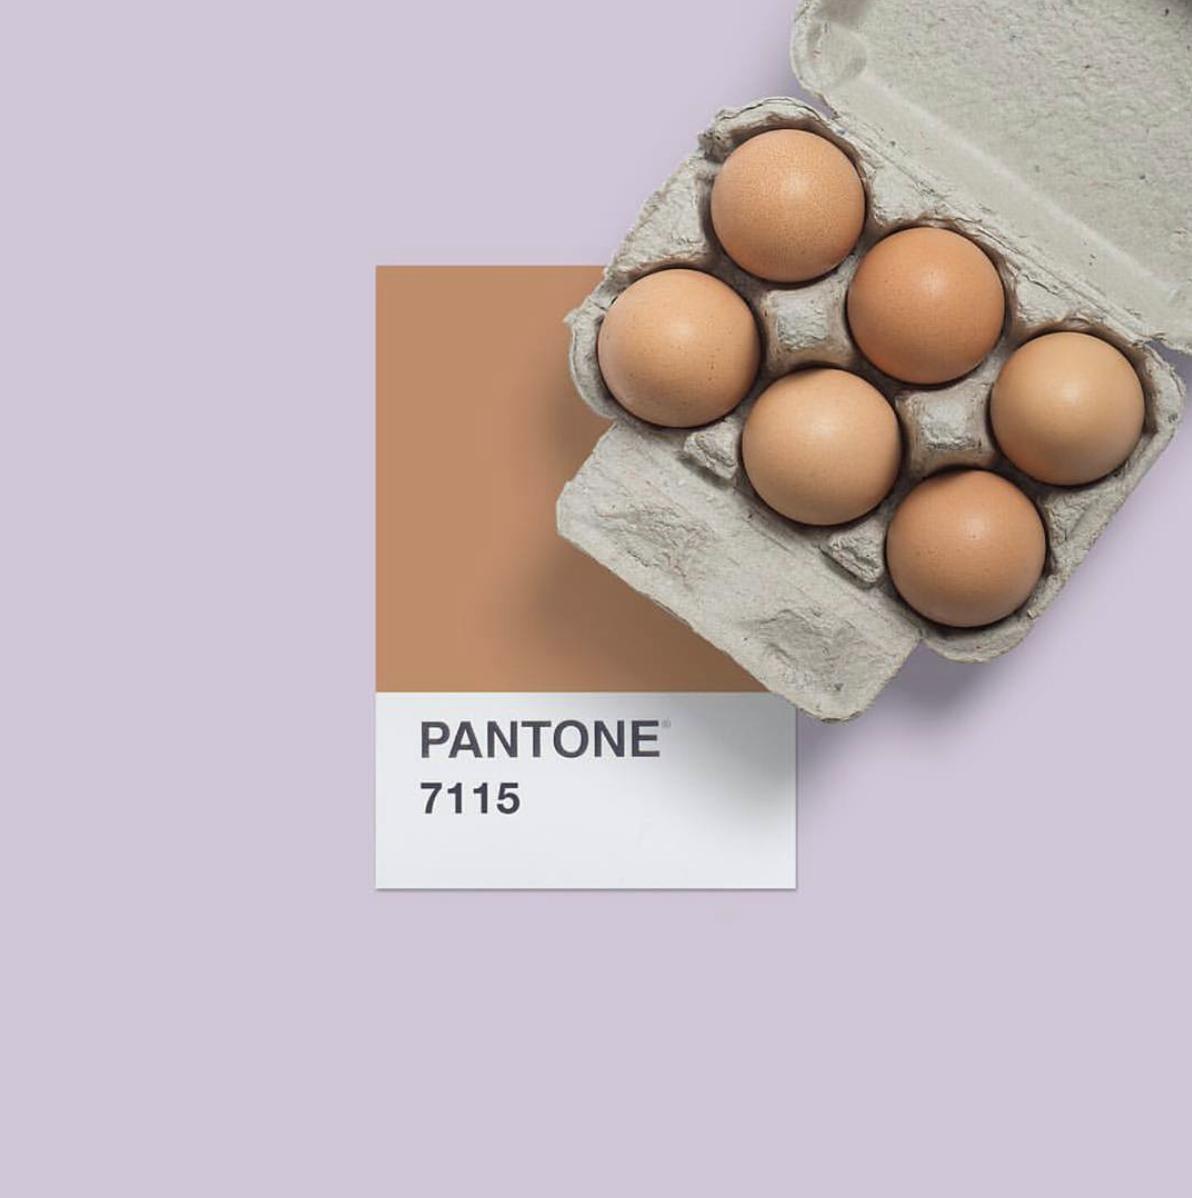 pantone_eggs.png